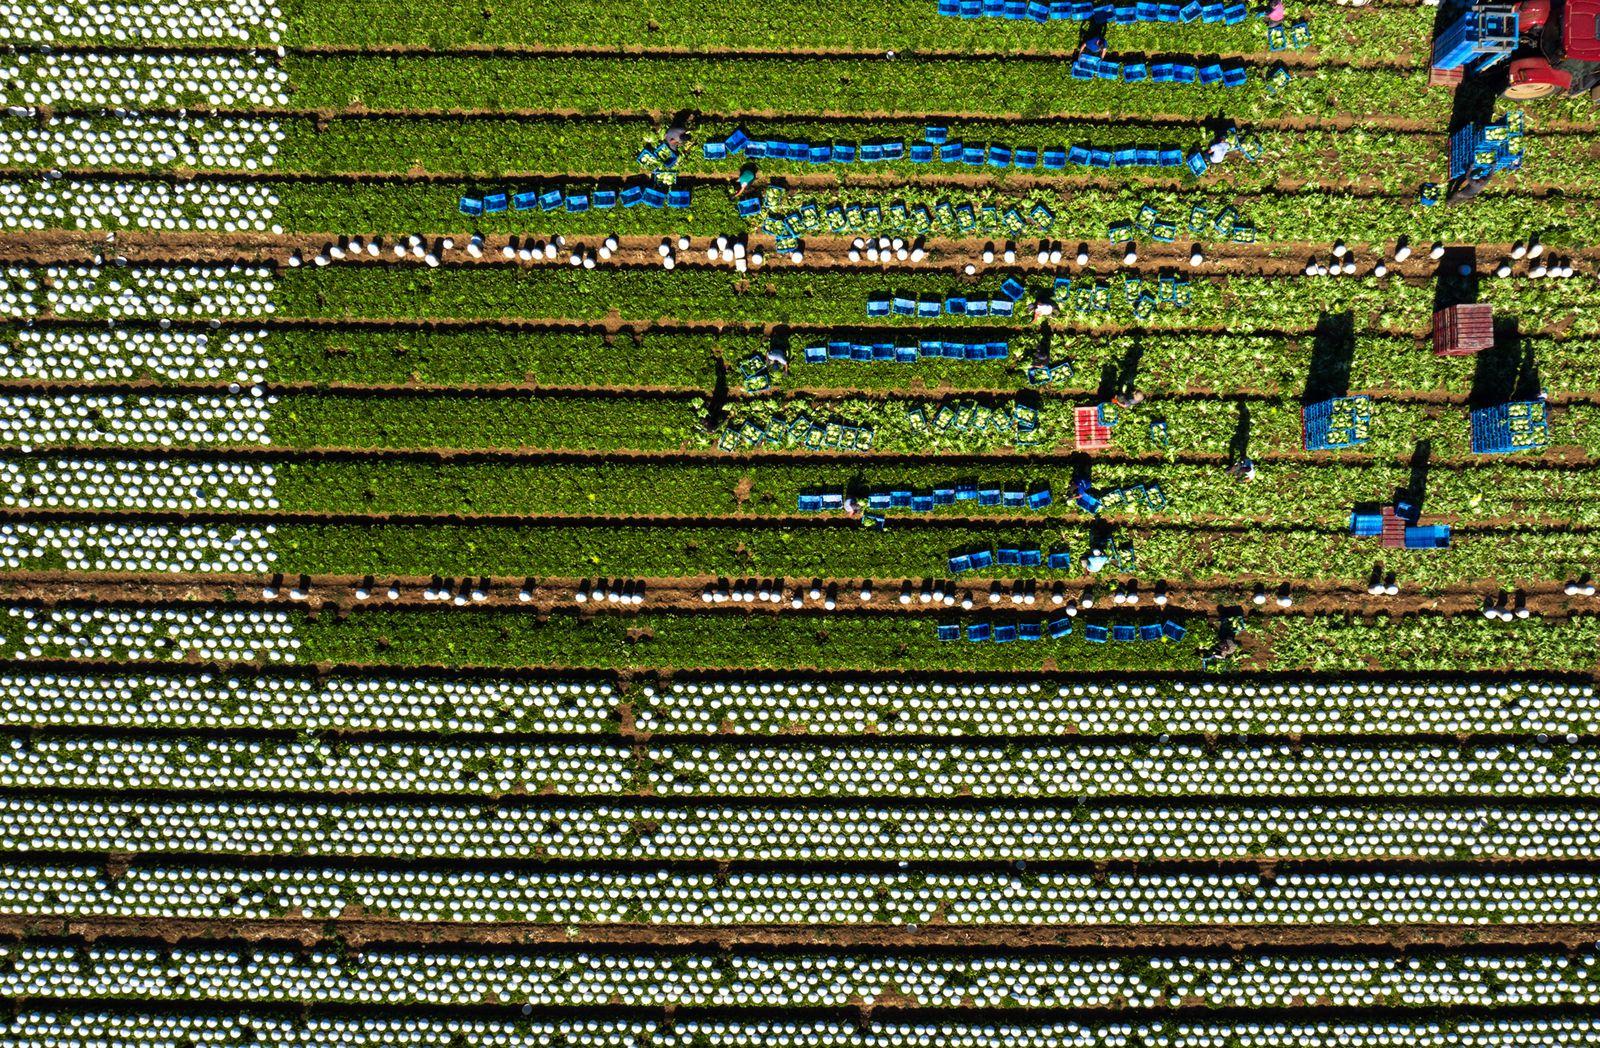 La récolte manuelle des salades bat son plein à la ferme Hardy de Sannerville. Photo aérienne François Monier, mai 2020